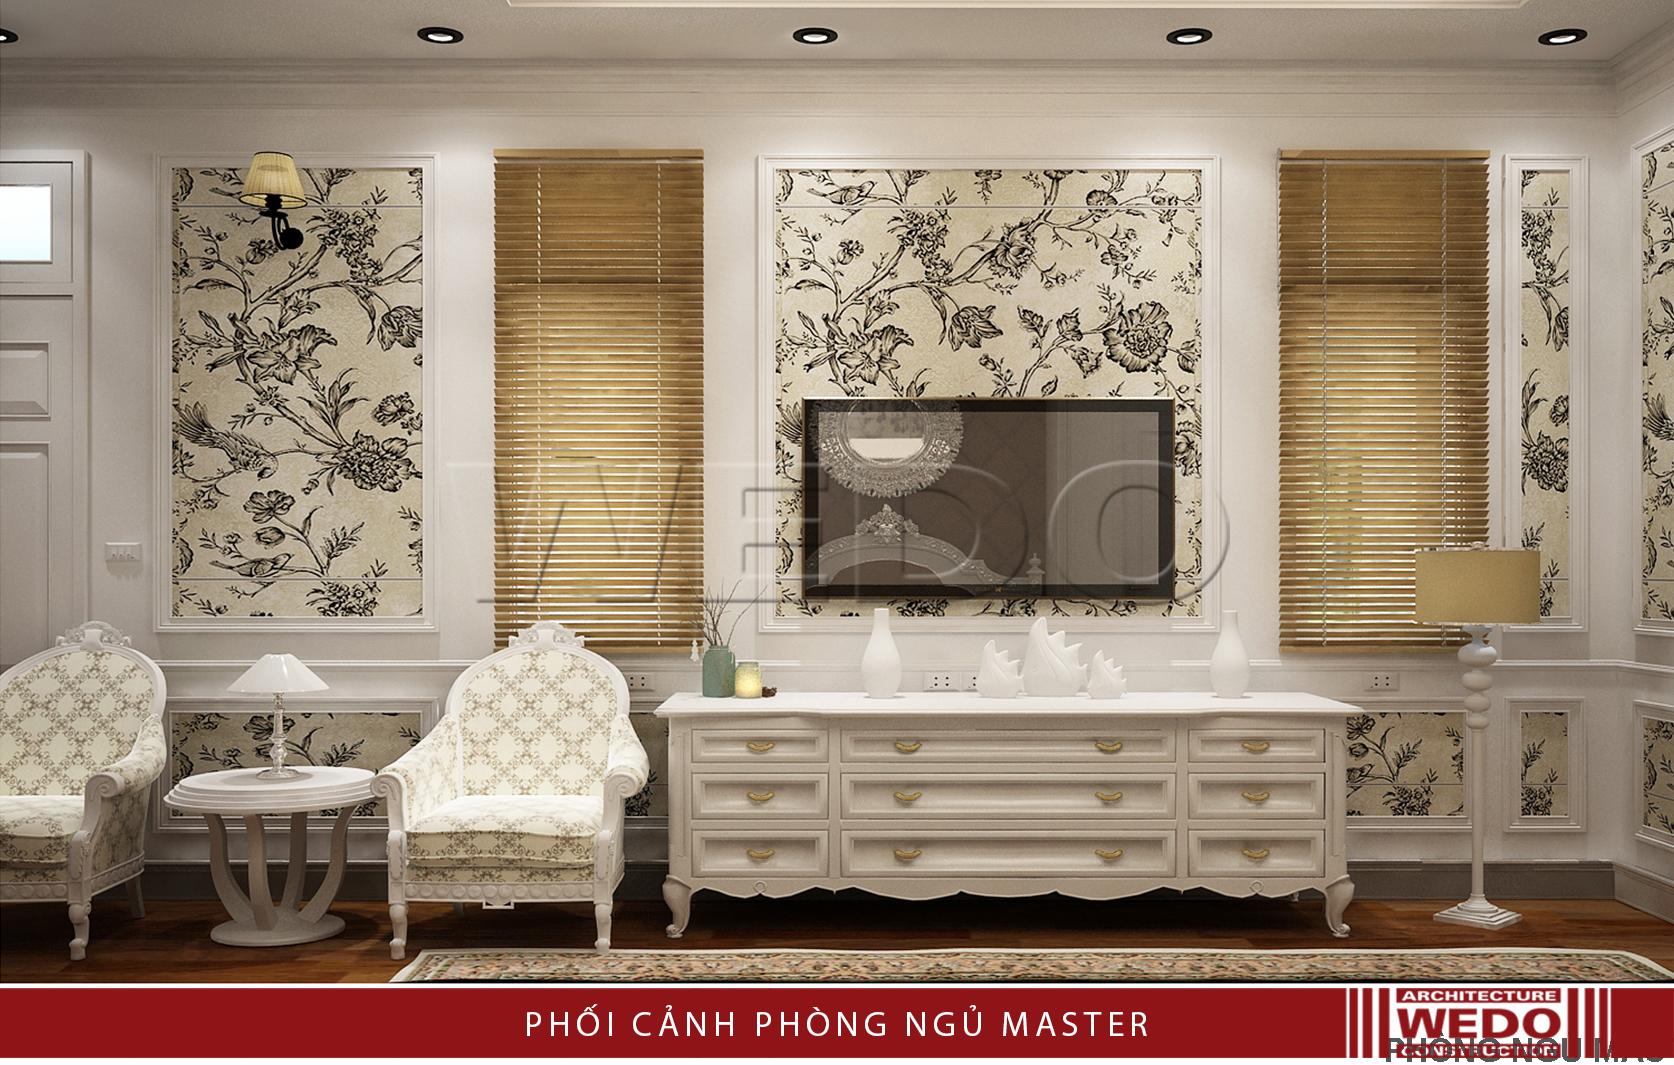 Thiết kế, thi công Nội thất biệt thự Linh đàm